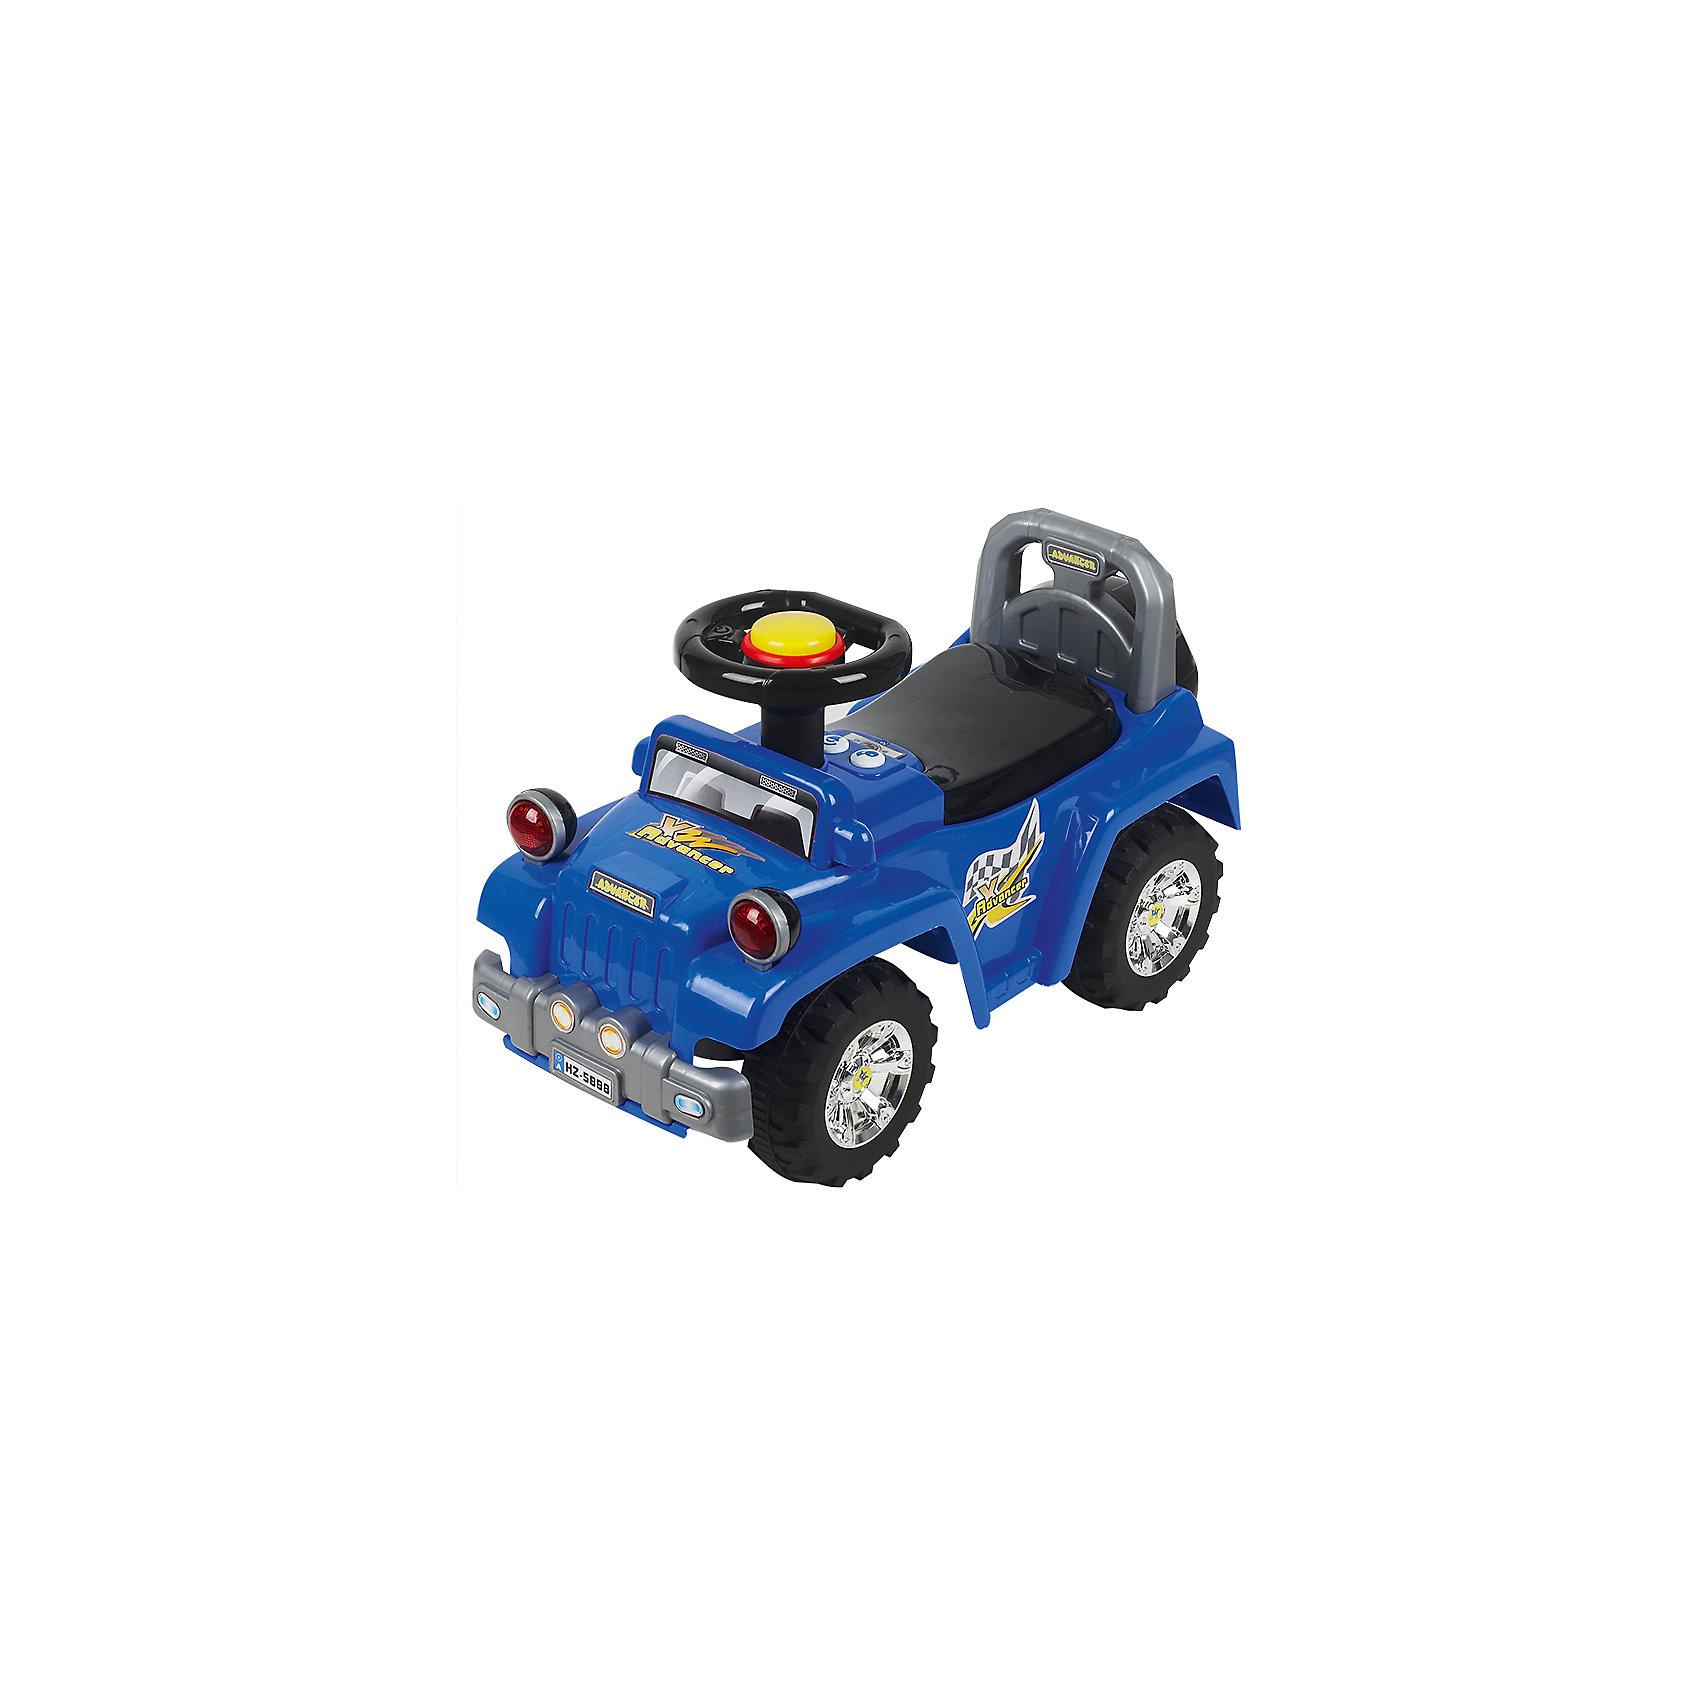 Каталка Джип, синий, NINGBO PRINCEКаталка Джип, синий, NINGBO PRINCE  - осчастливьте своего ребенка безопасной детской машиной.<br>Благодаря тому, что каталка имеет устойчивую конструкцию и колеса с поворотом на 90 градусов, она полностью безопасна для ребенка, даже если он любит быструю езду.  На руле есть кнопка для звукового сигнала. Ход машины очень плавный, может ездить вперед и назад. Есть вместительный багажник для игрушек или вещей, под сиденьем. Машина сделана под марку «джип».<br><br>Дополнительная информация:<br><br>- размер: 65*28*30 см<br>- вес: 3,7 кг<br>- возраст: от 1 до 3 лет<br>- максимальный вес: до 30 кг<br>- цвет: синий<br><br>Каталку Джип, синий, NINGBO PRINCE  можно купить в нашем интернет магазине.<br><br>Ширина мм: 900<br>Глубина мм: 900<br>Высота мм: 500<br>Вес г: 3700<br>Возраст от месяцев: 12<br>Возраст до месяцев: 36<br>Пол: Унисекс<br>Возраст: Детский<br>SKU: 4995157